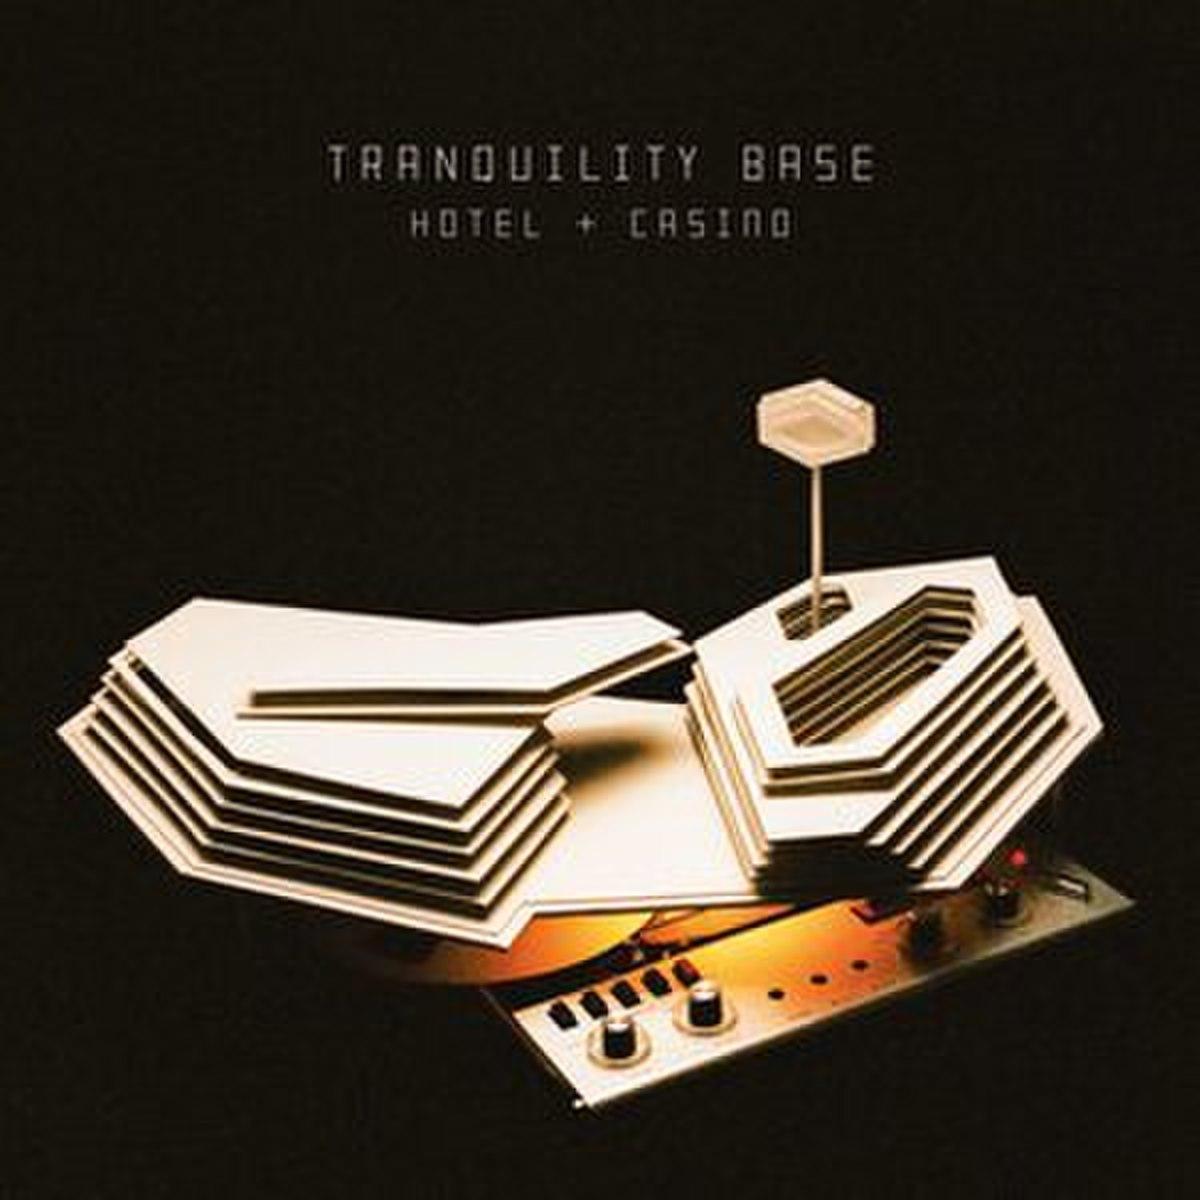 tranquility base hotel  u0026 casino  u2014  u0412 u0438 u043a u0438 u043f u0435 u0434 u0438 u044f